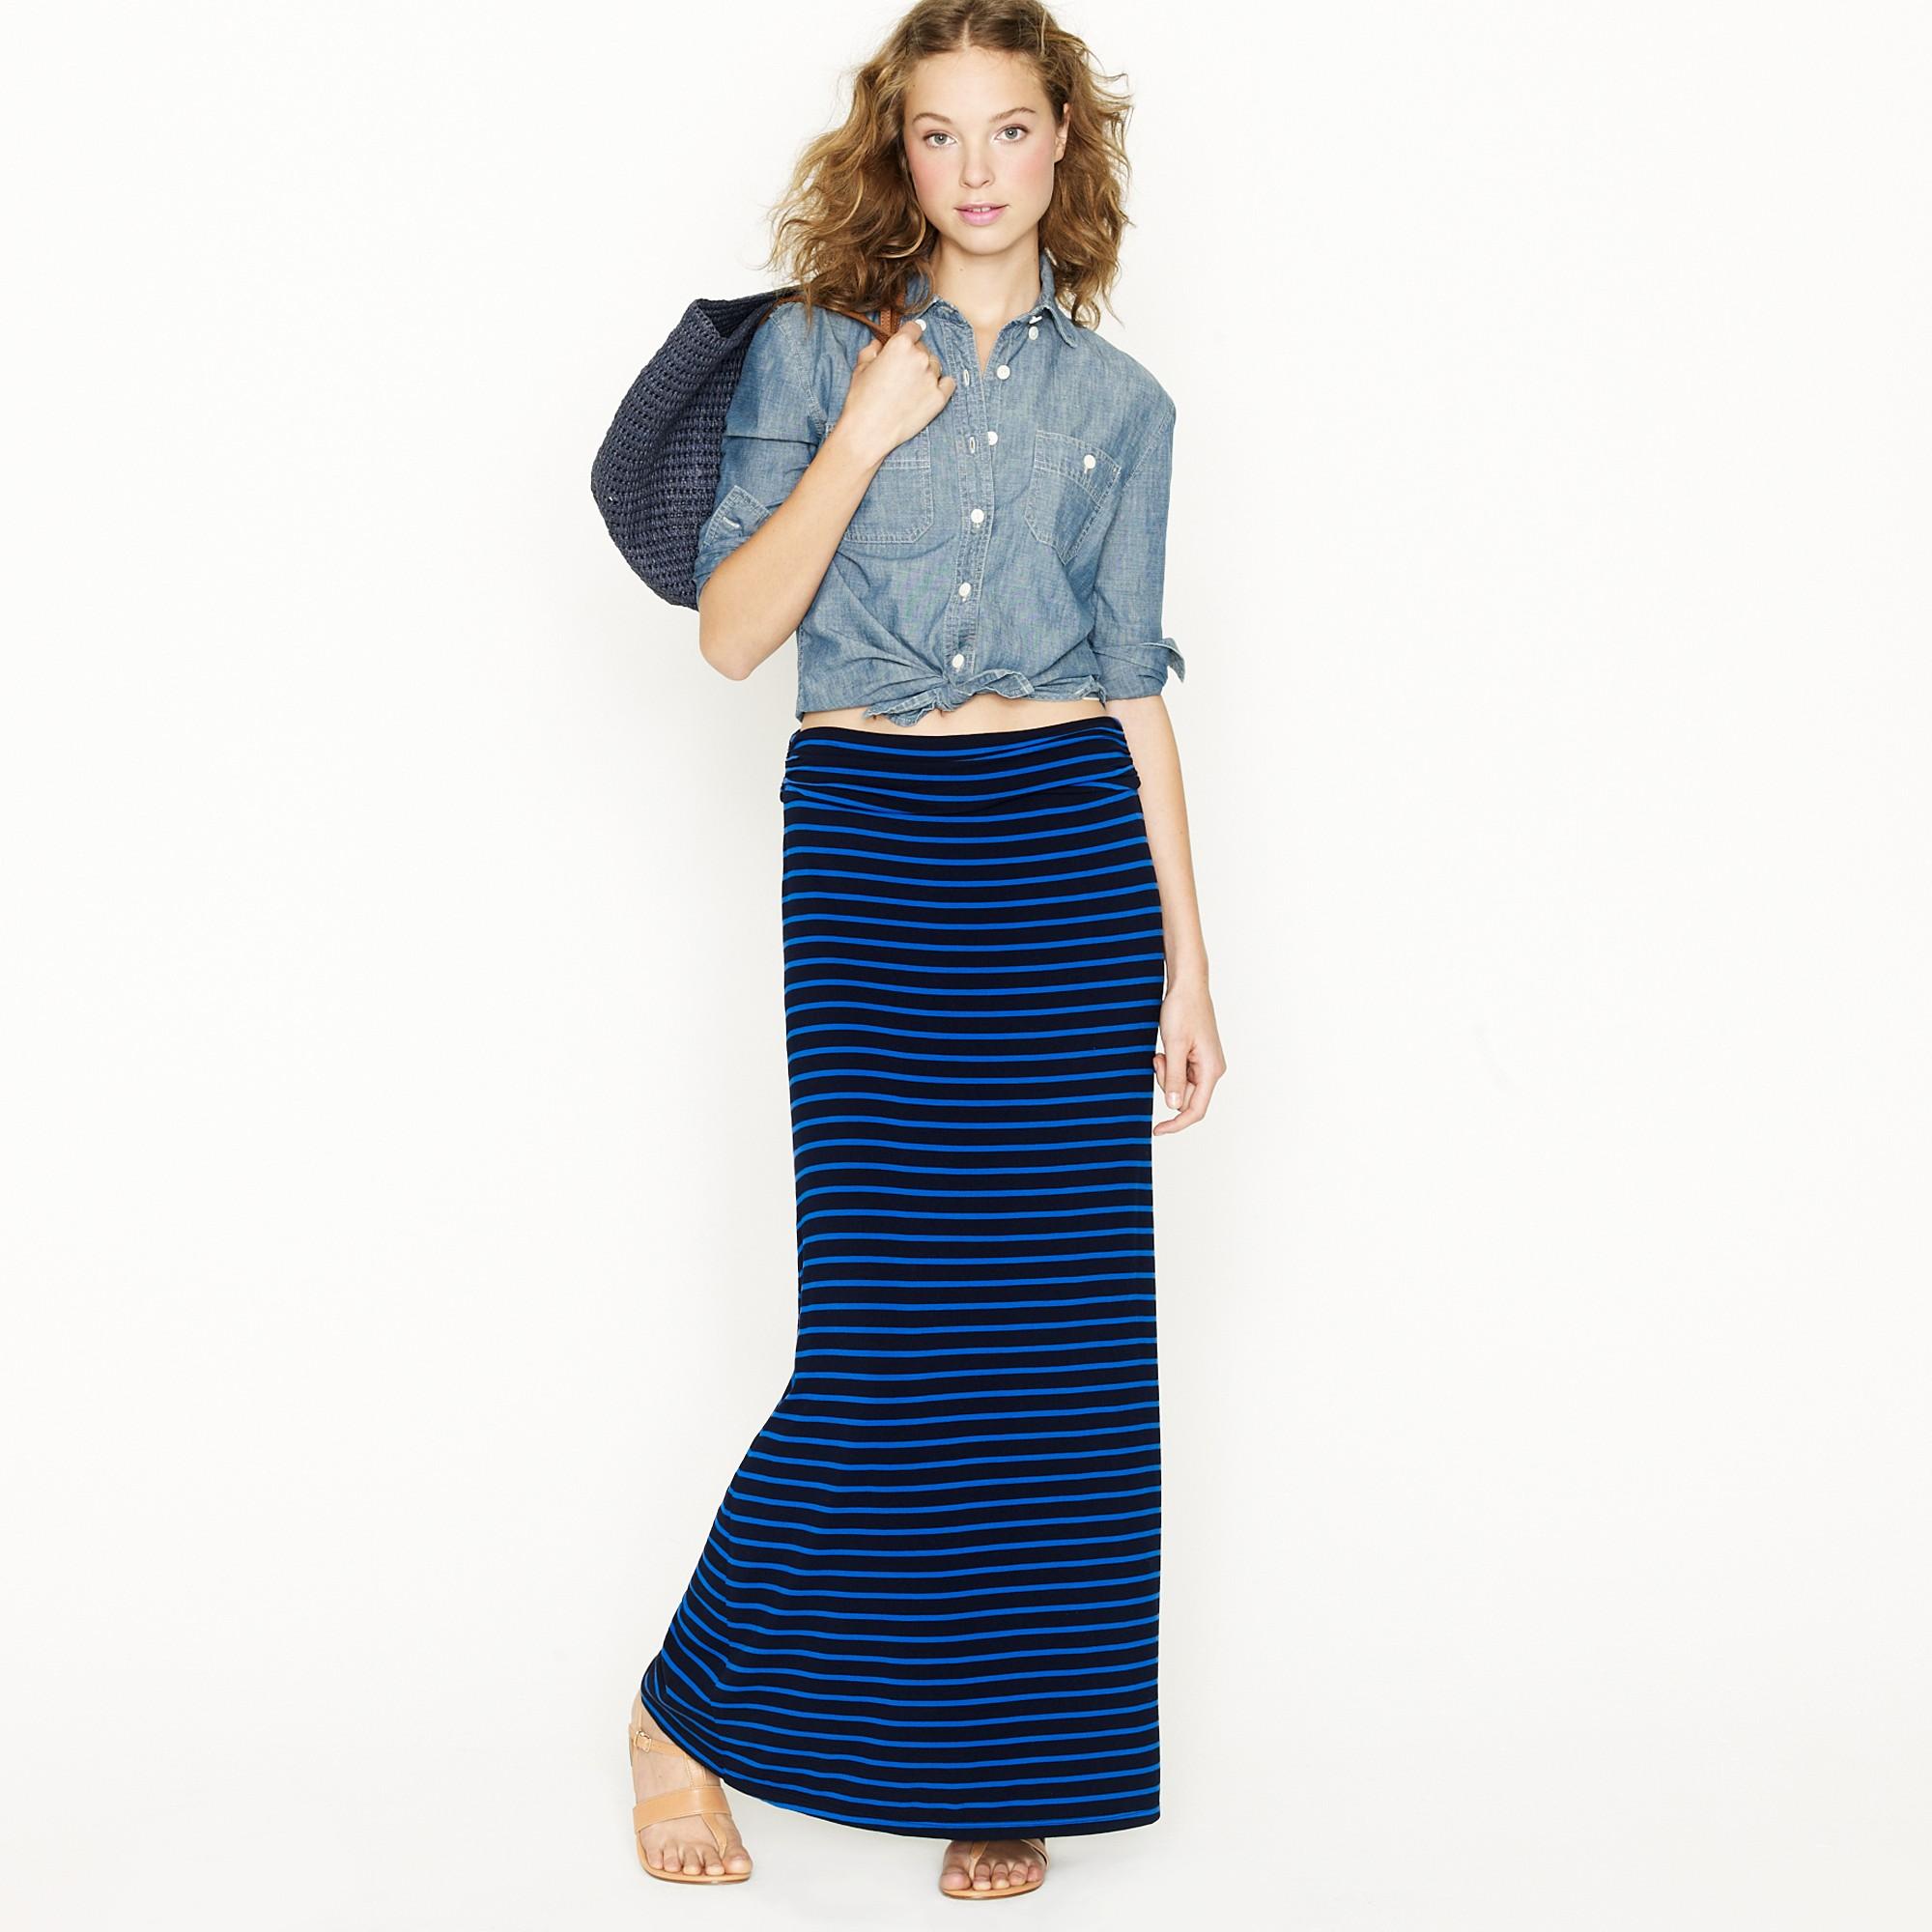 J.crew Jersey Maxiskirt in Stripe in Blue | Lyst